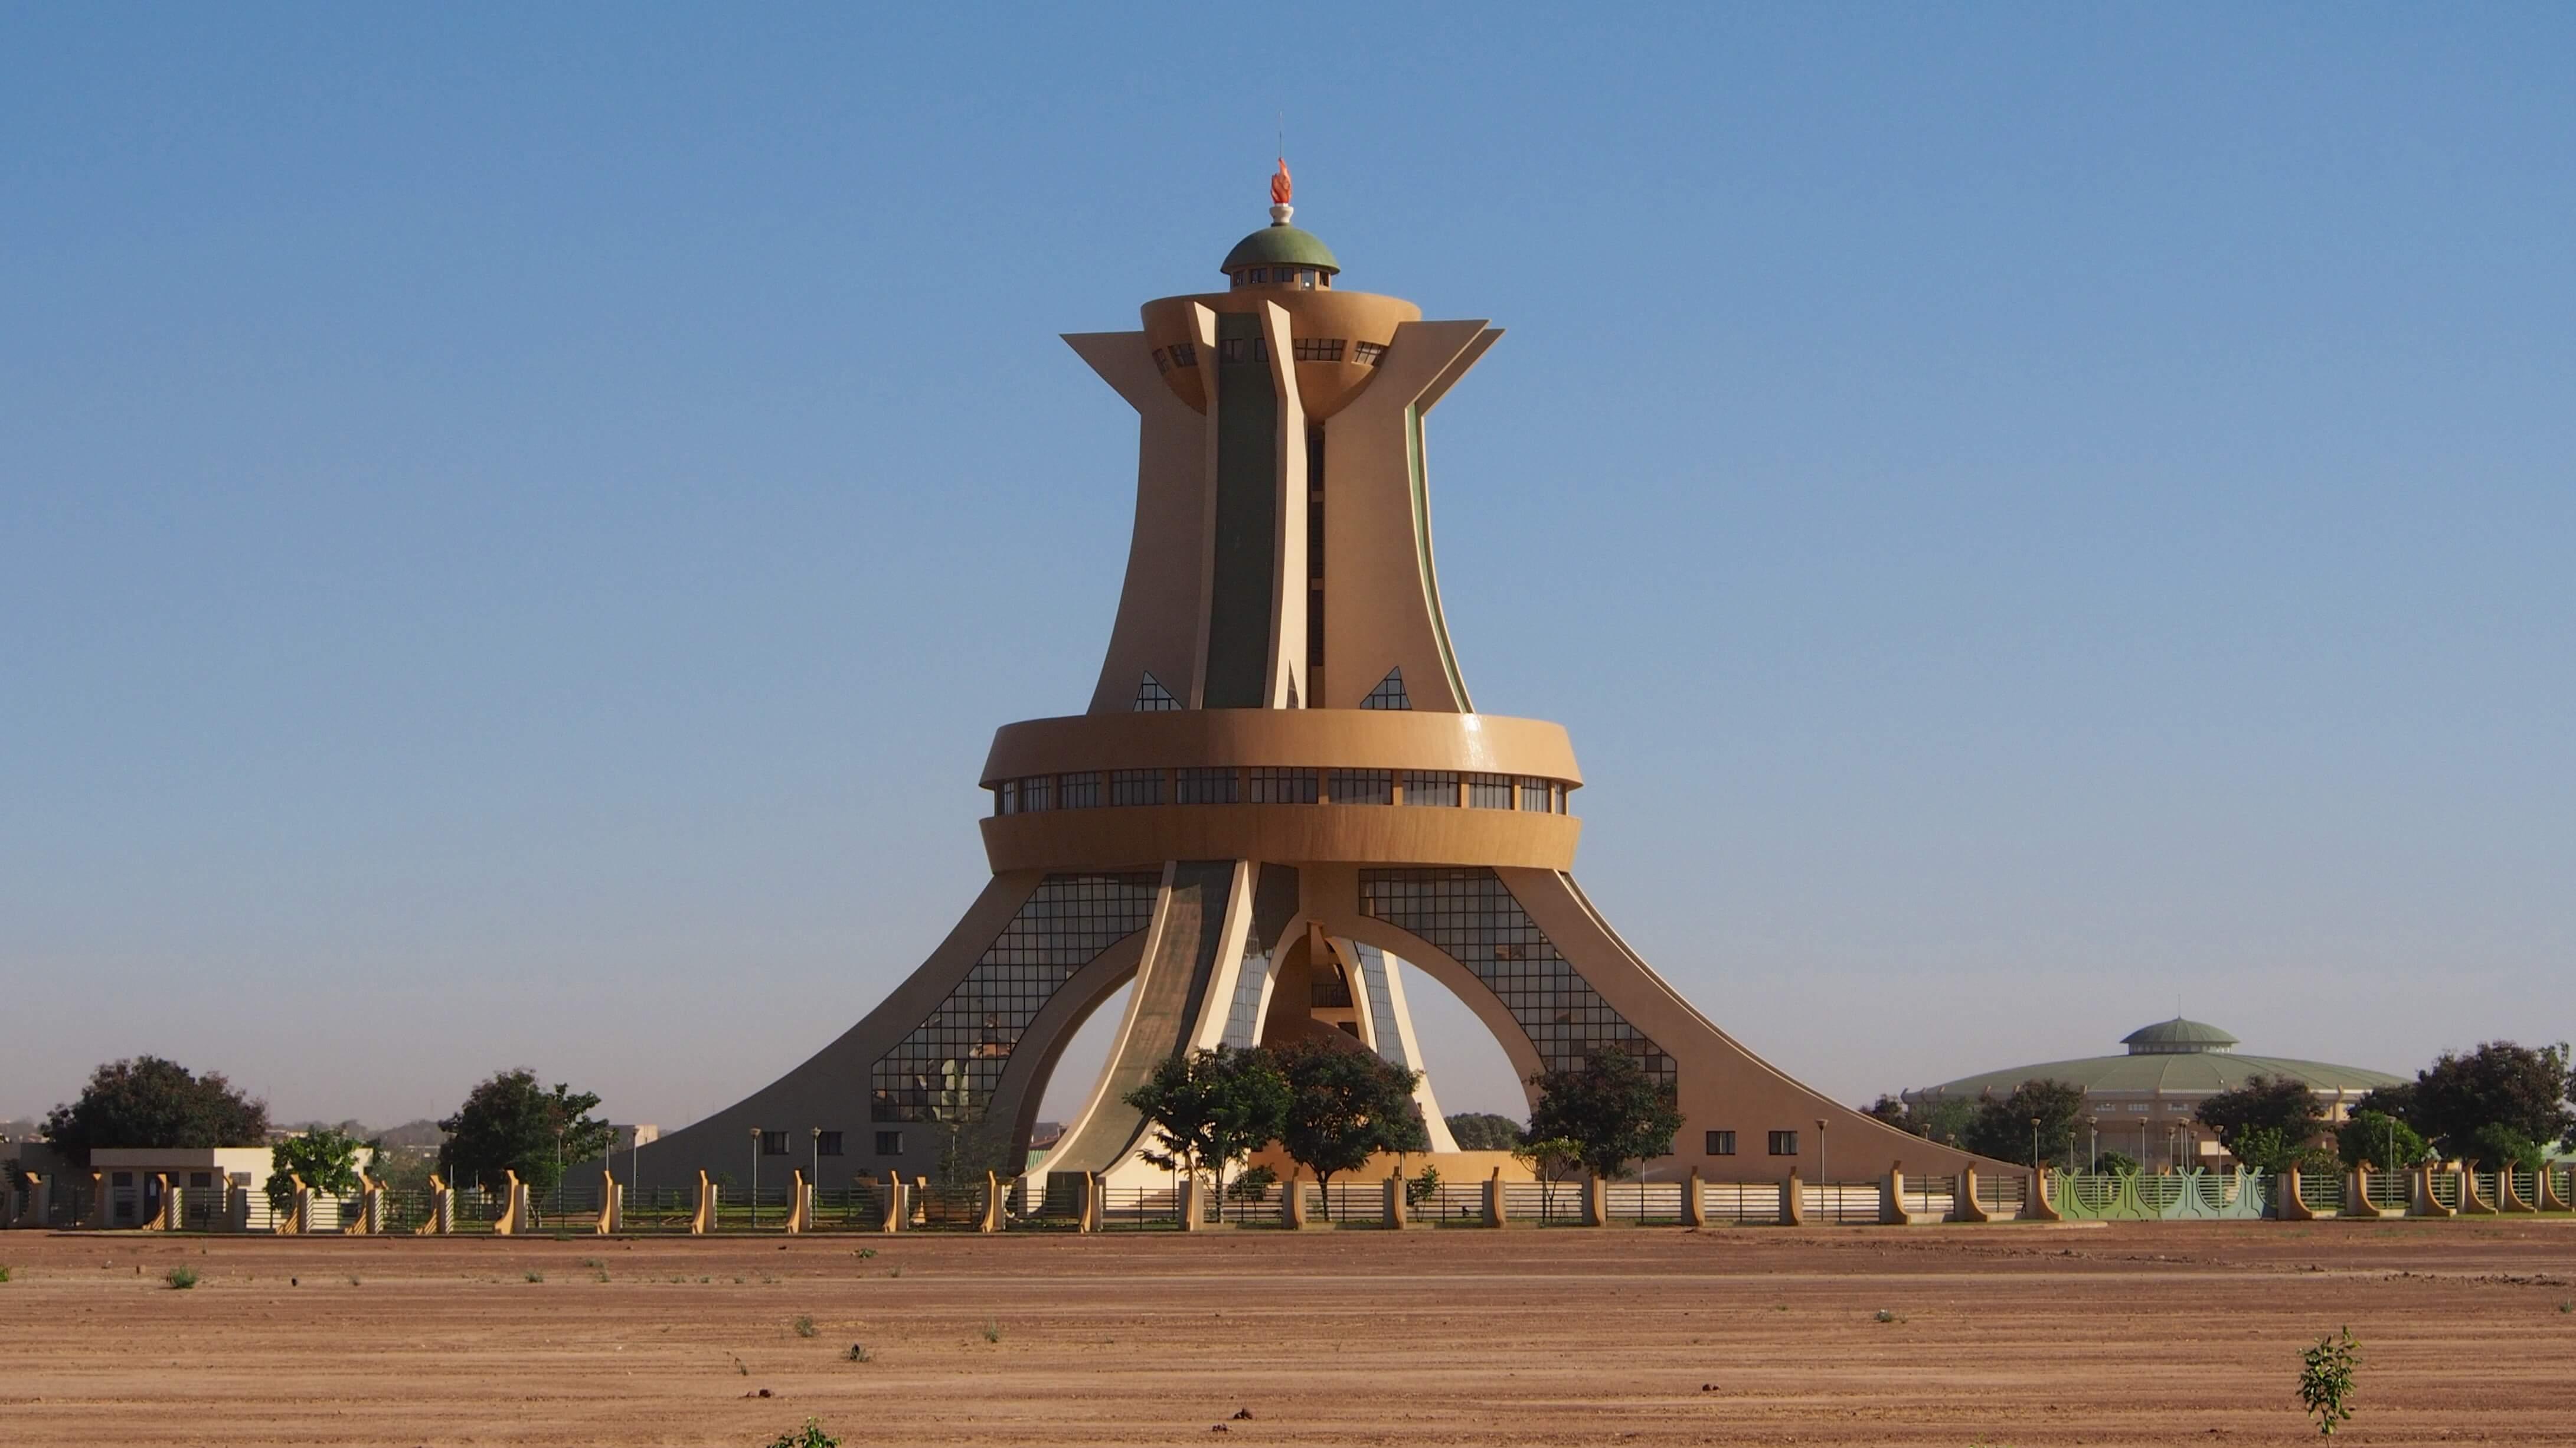 Paczki i przesyłki do Wagudugu stolicy Burkina Faso